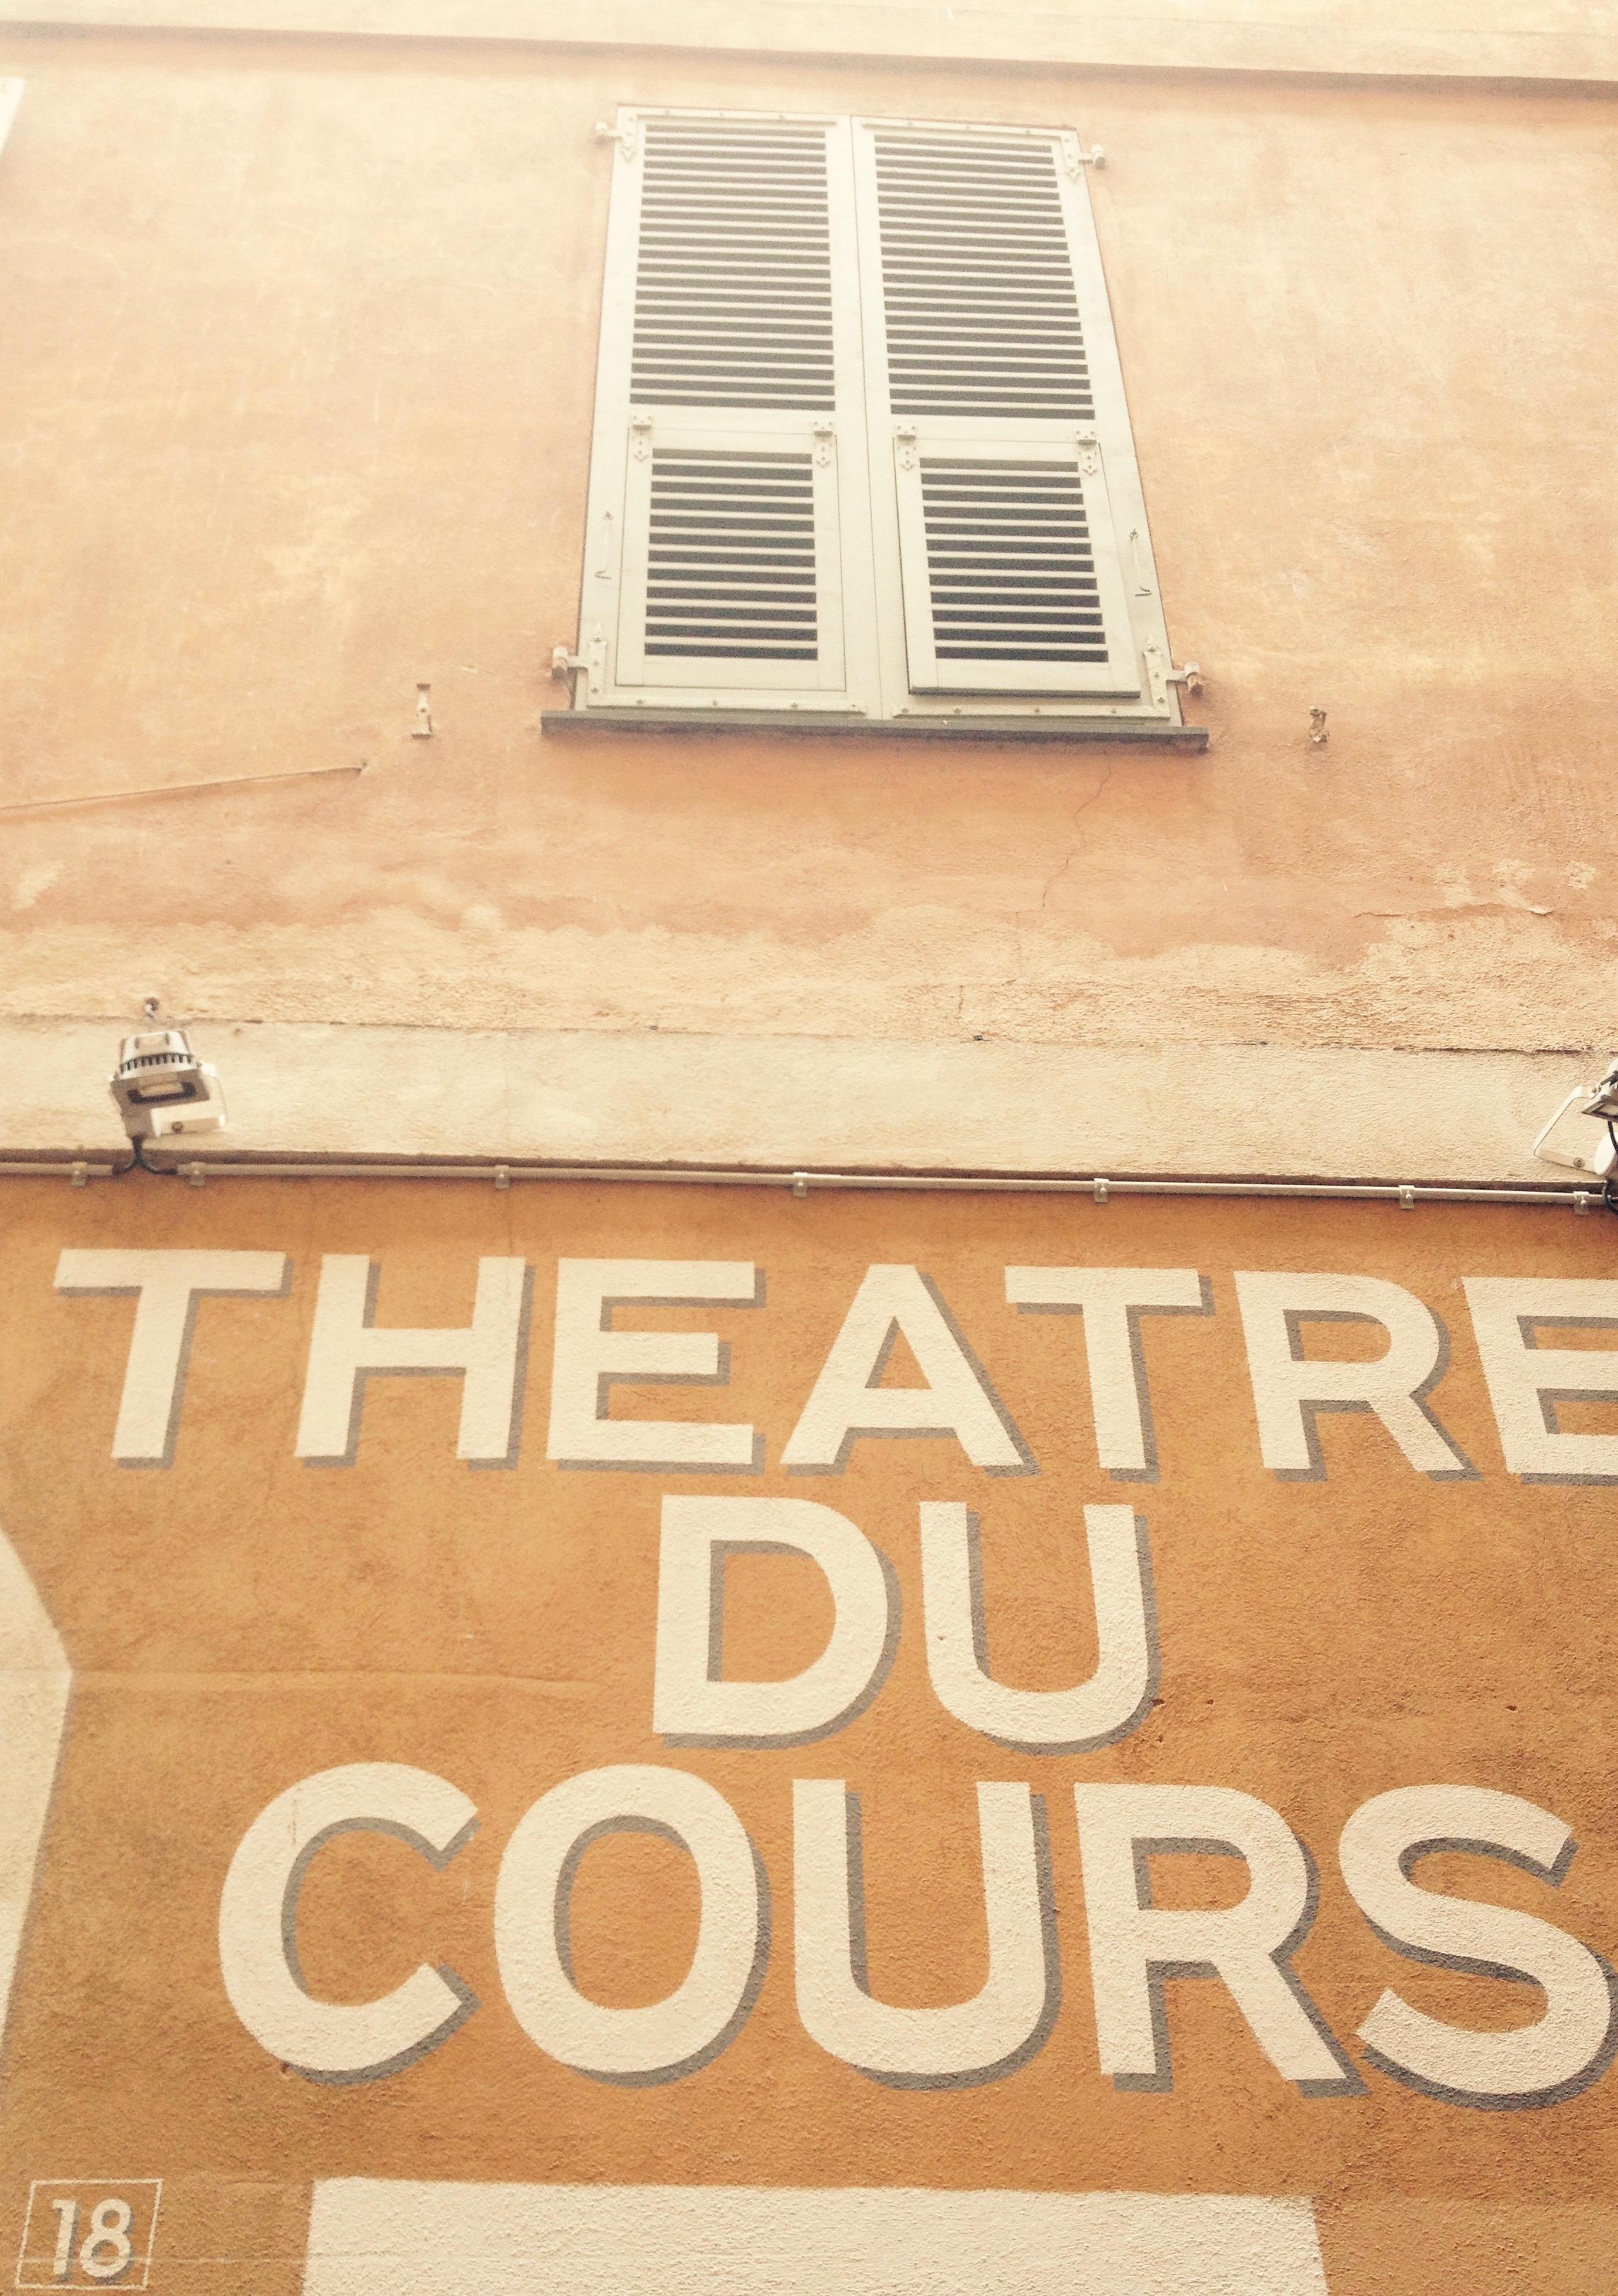 Théâtre du Cours - salle 2